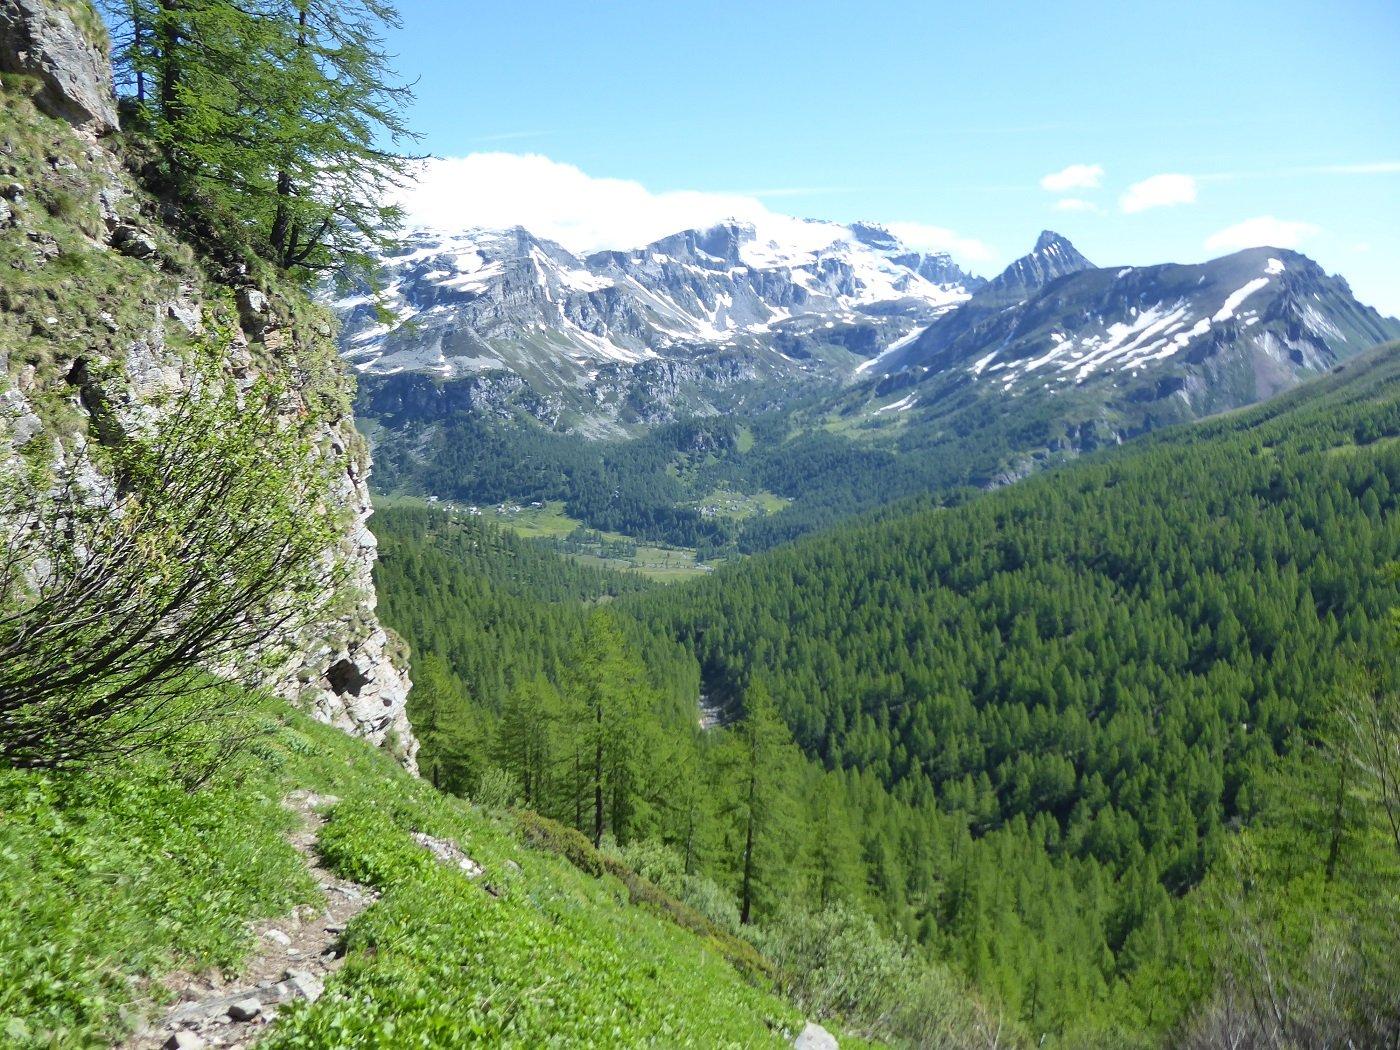 La conca dell'Alpe Veglia dal sentiero ripido.